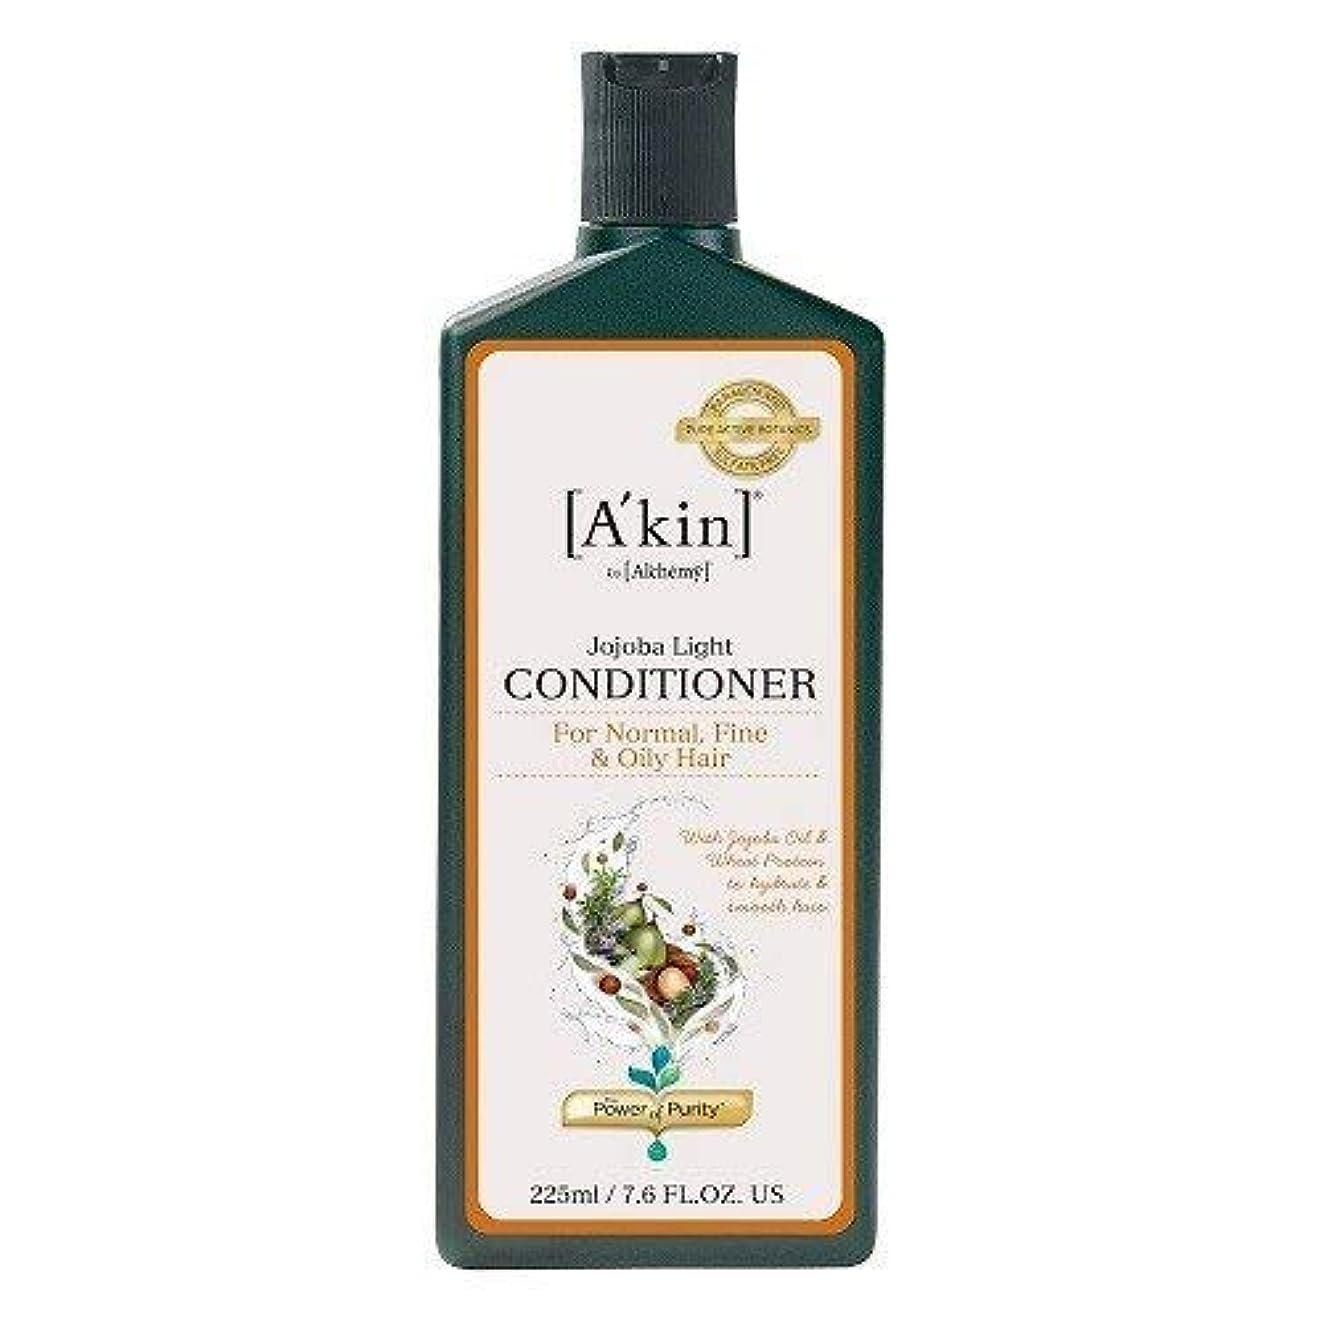 払い戻しレシピ自動的にエイキンピュリファイングホホバとゼラニウムコンディショナー225 ml